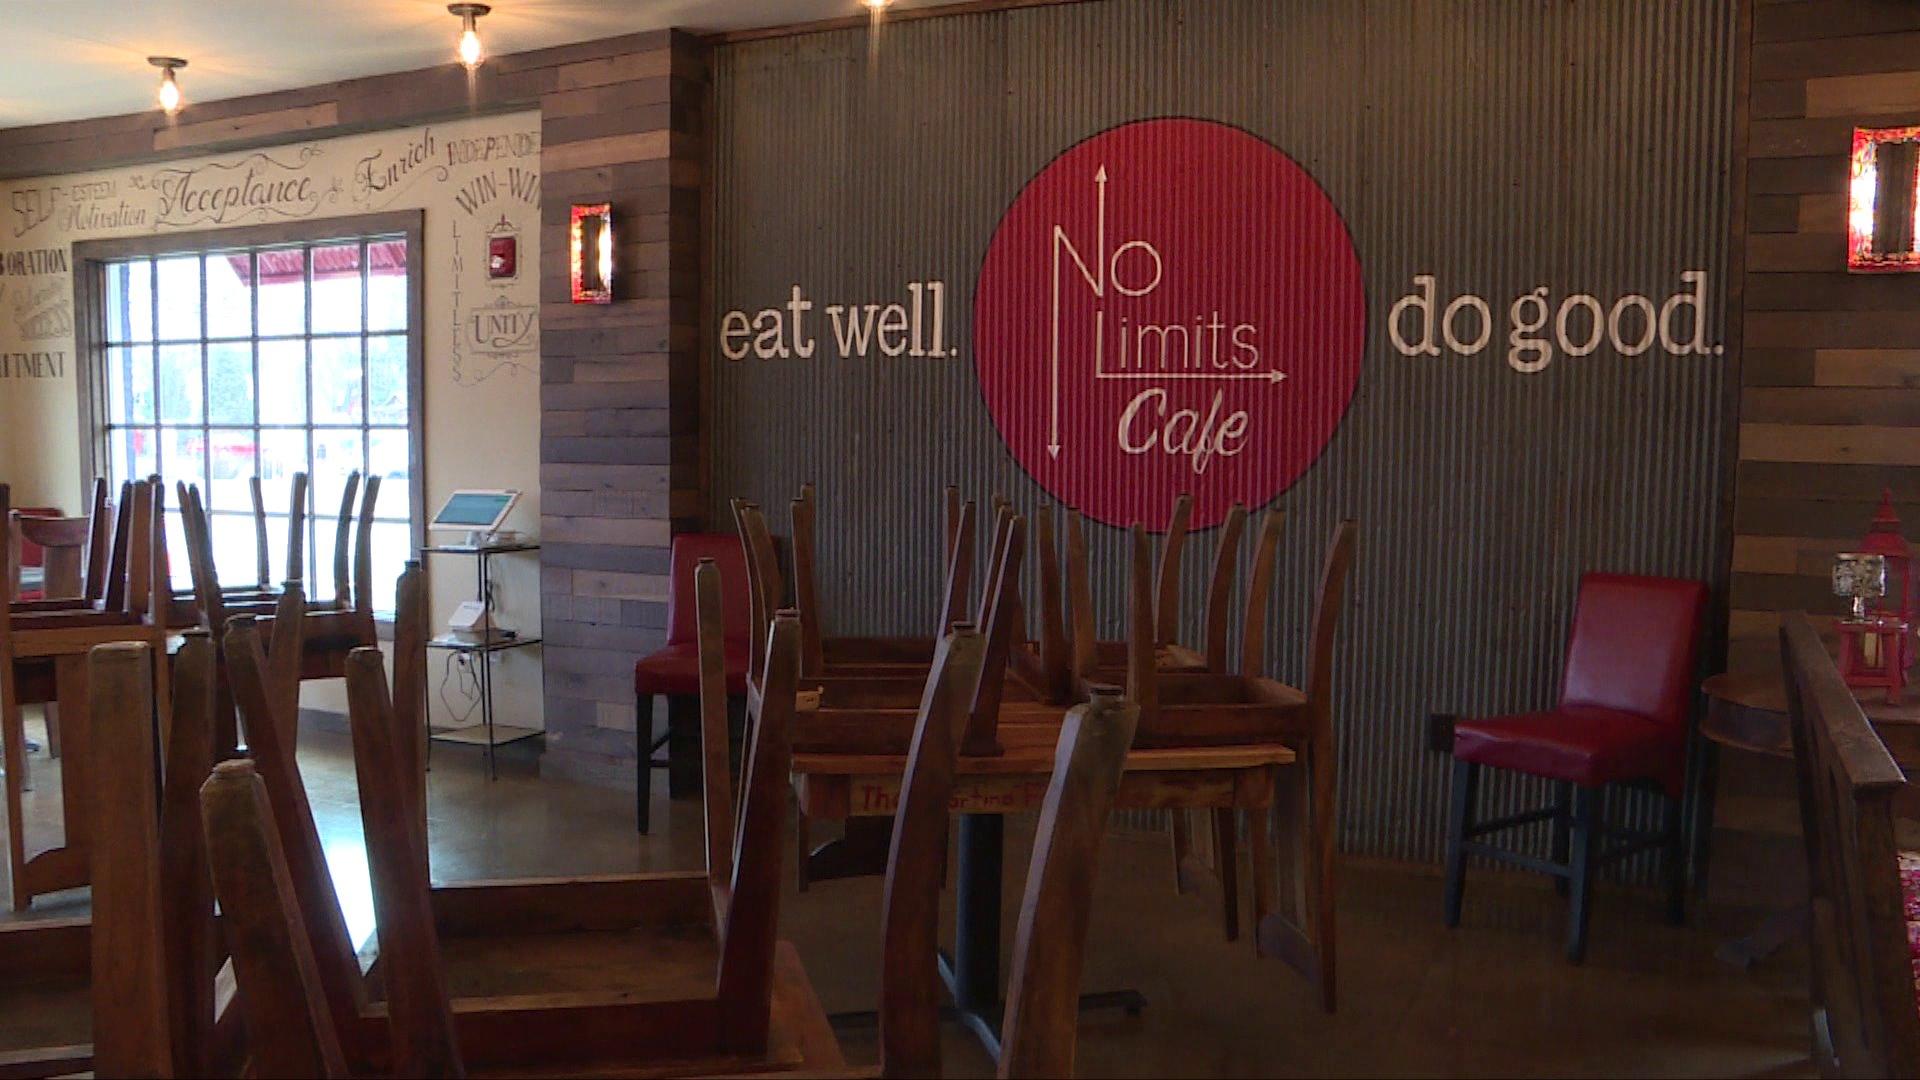 no limits cafe.jpeg